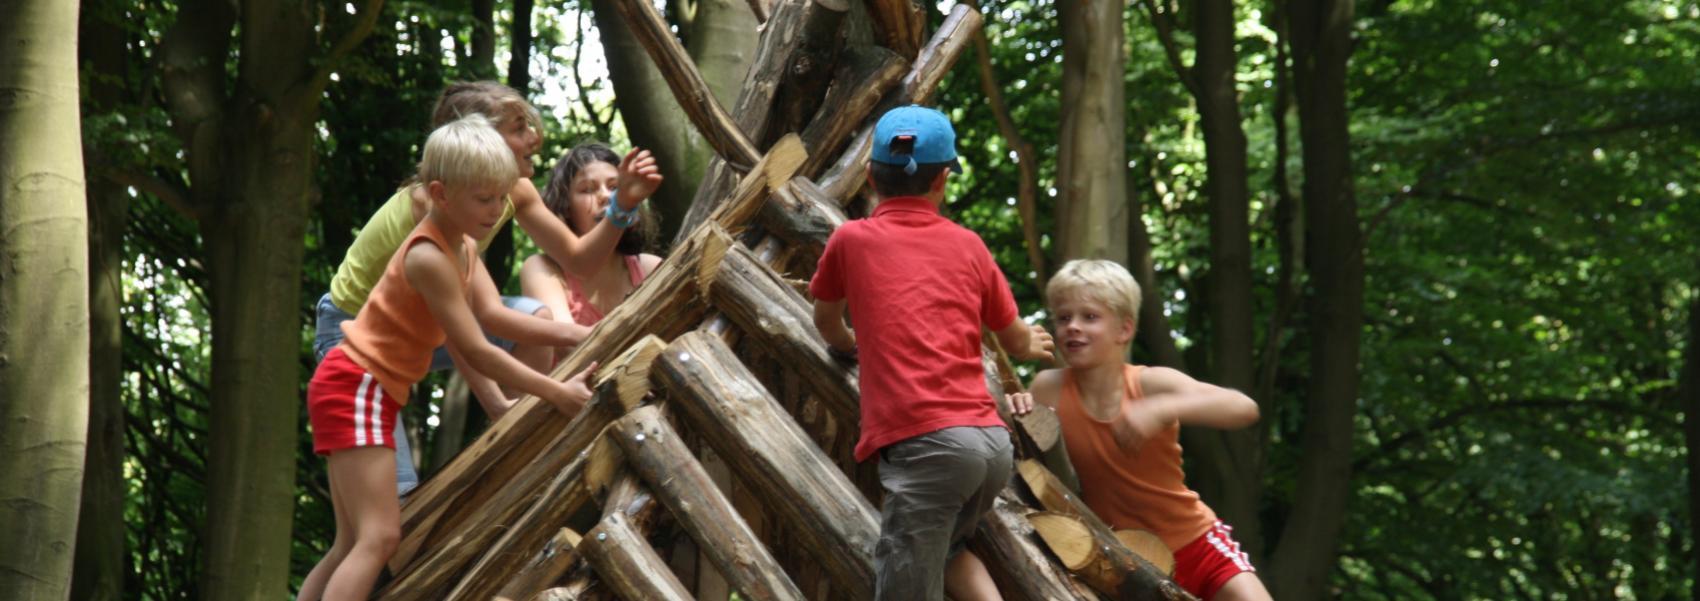 Kinderen in speelzone Kluisbos